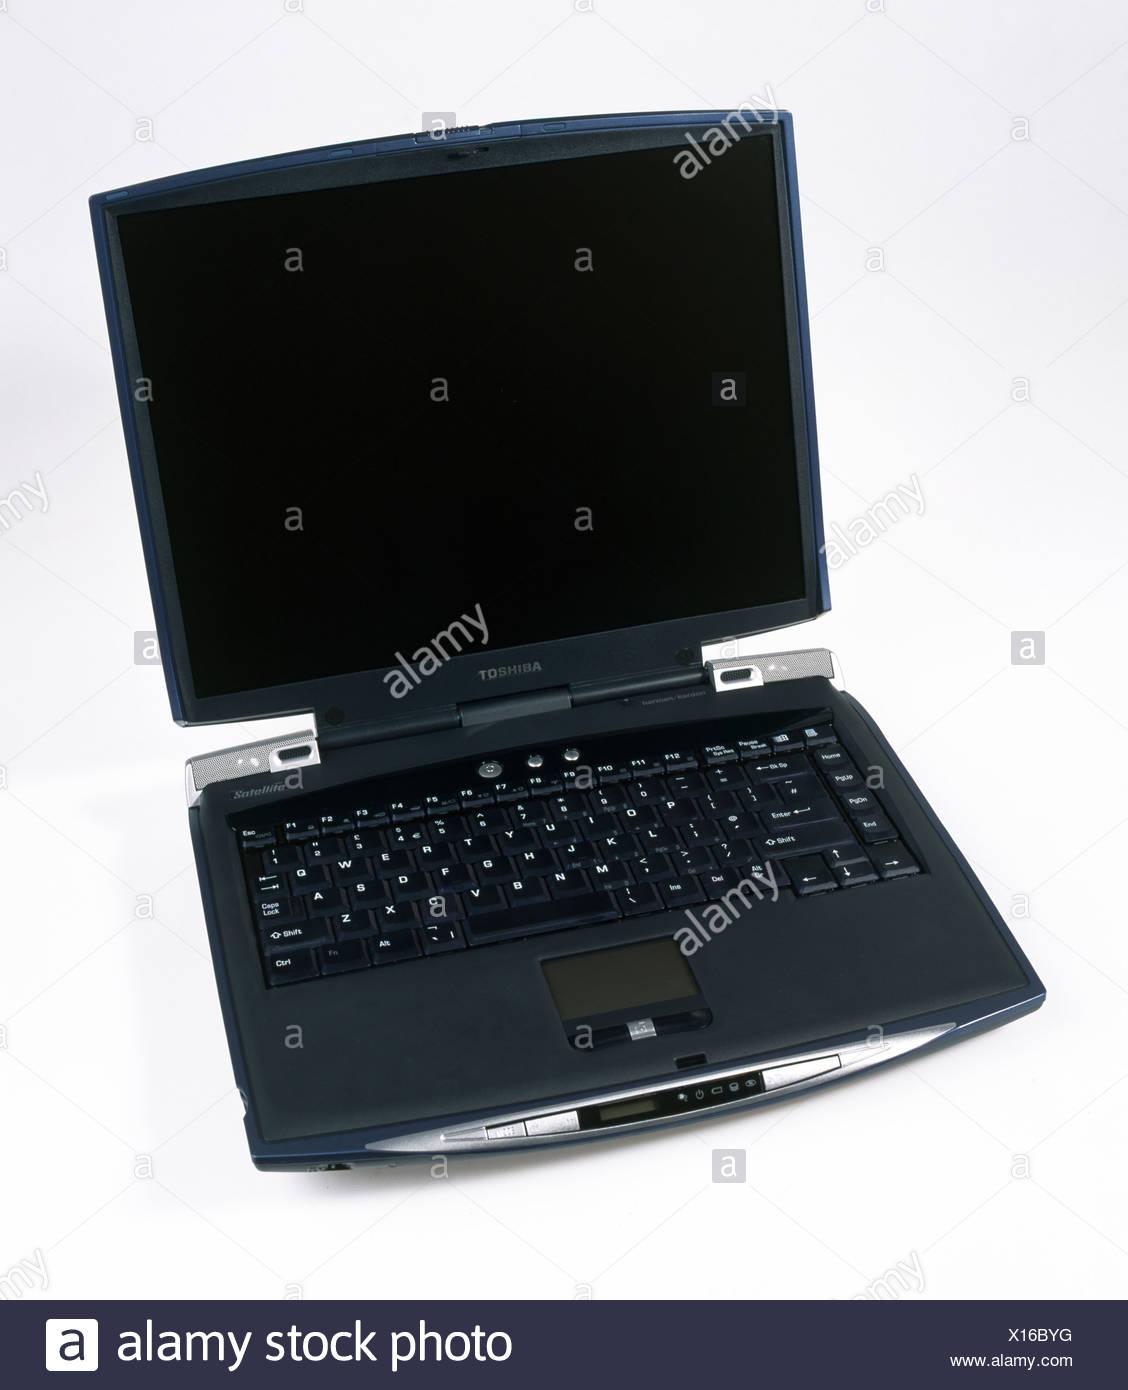 Toshiba Laptop Stock Photos & Toshiba Laptop Stock Images